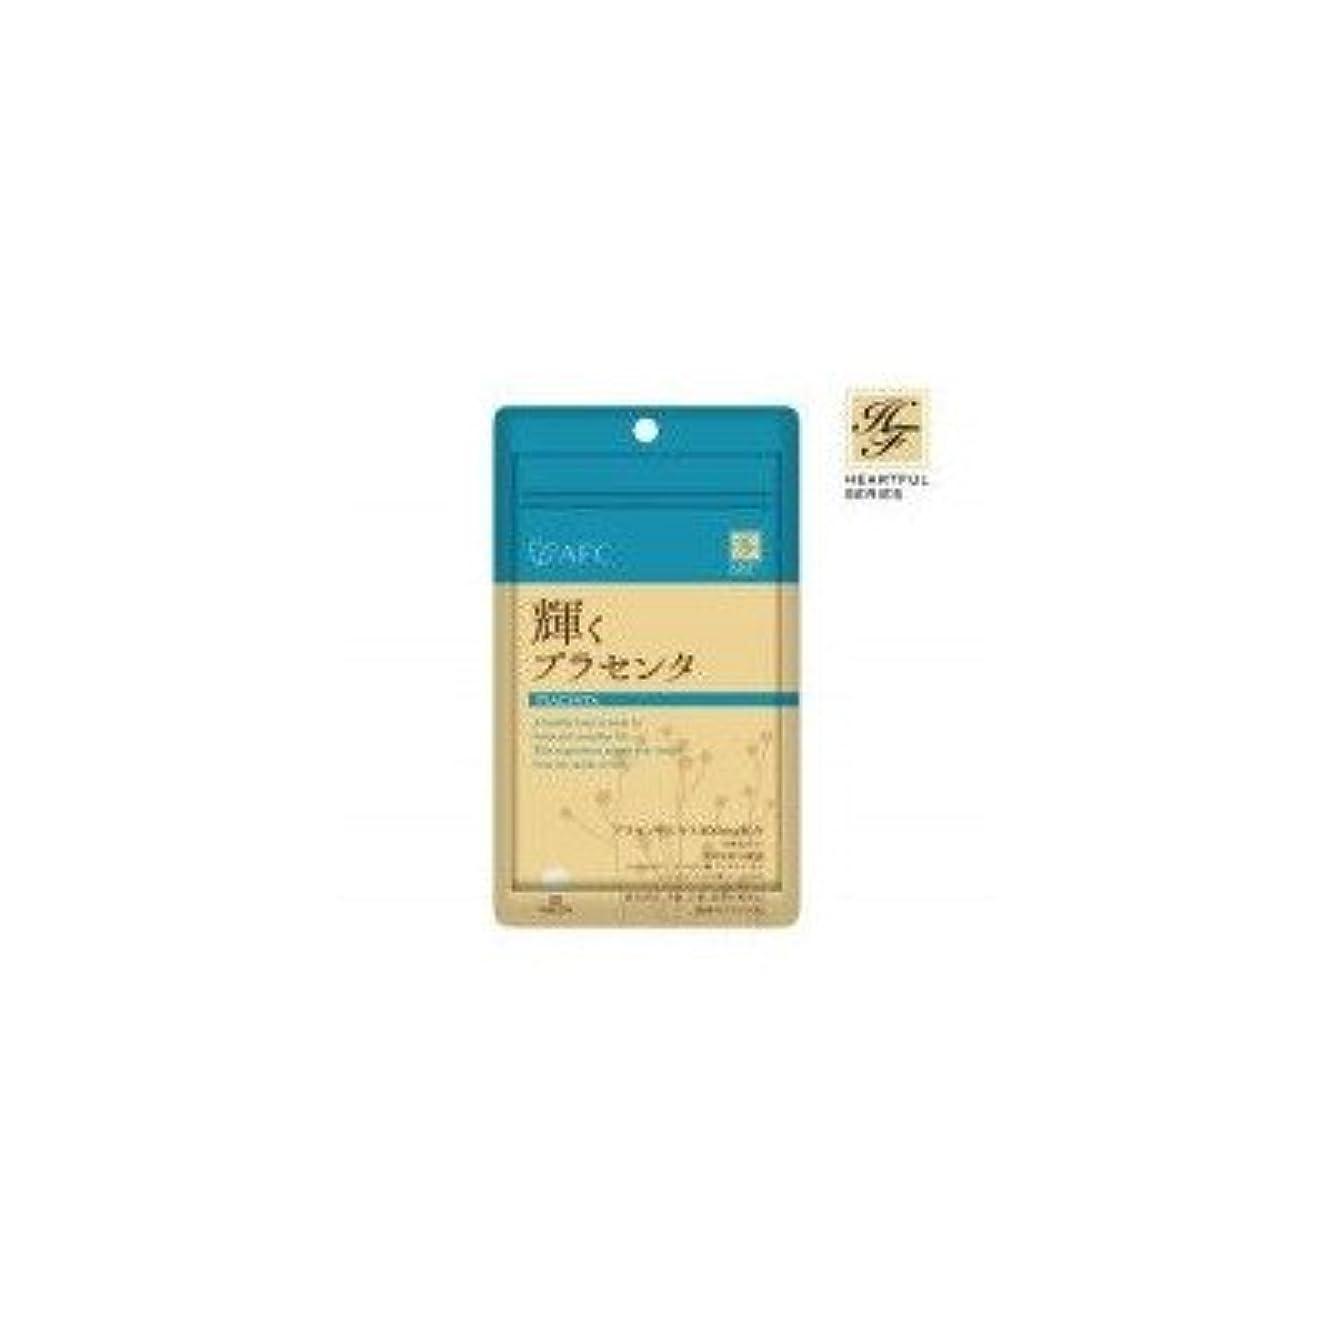 不均一ベイビーセラーAFC(エーエフシー) ハートフルシリーズサプリ 輝くプラセンタ HFS02×6袋